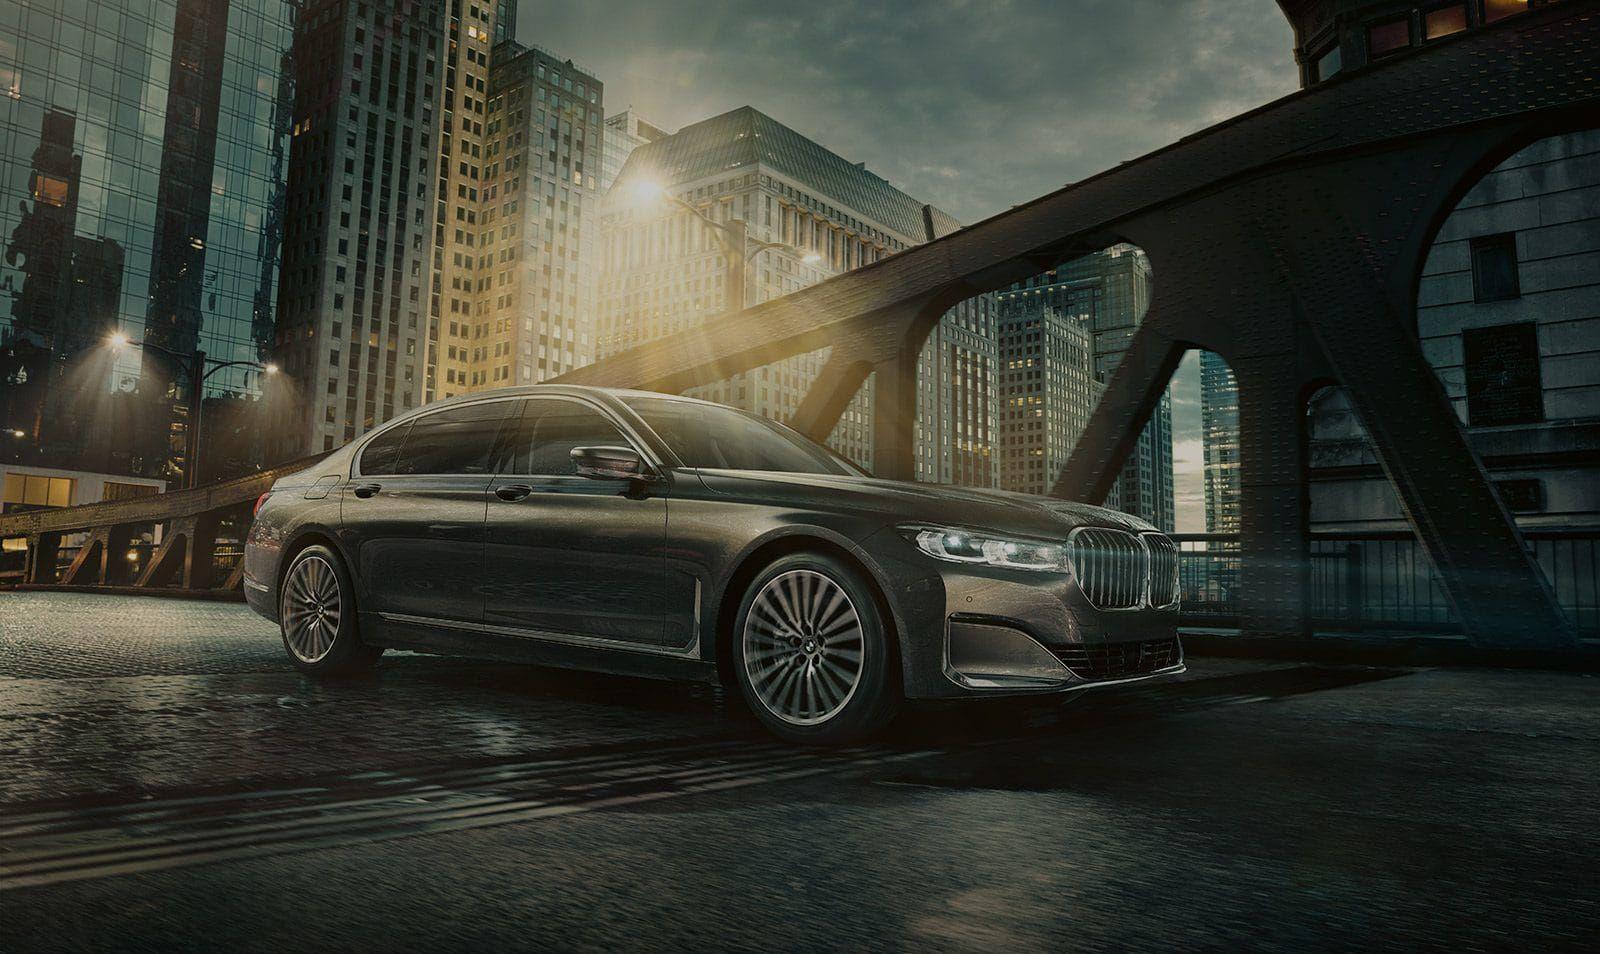 New 2020 BMW 7 Series Sedan – BMW North America – BMW USA | Dream